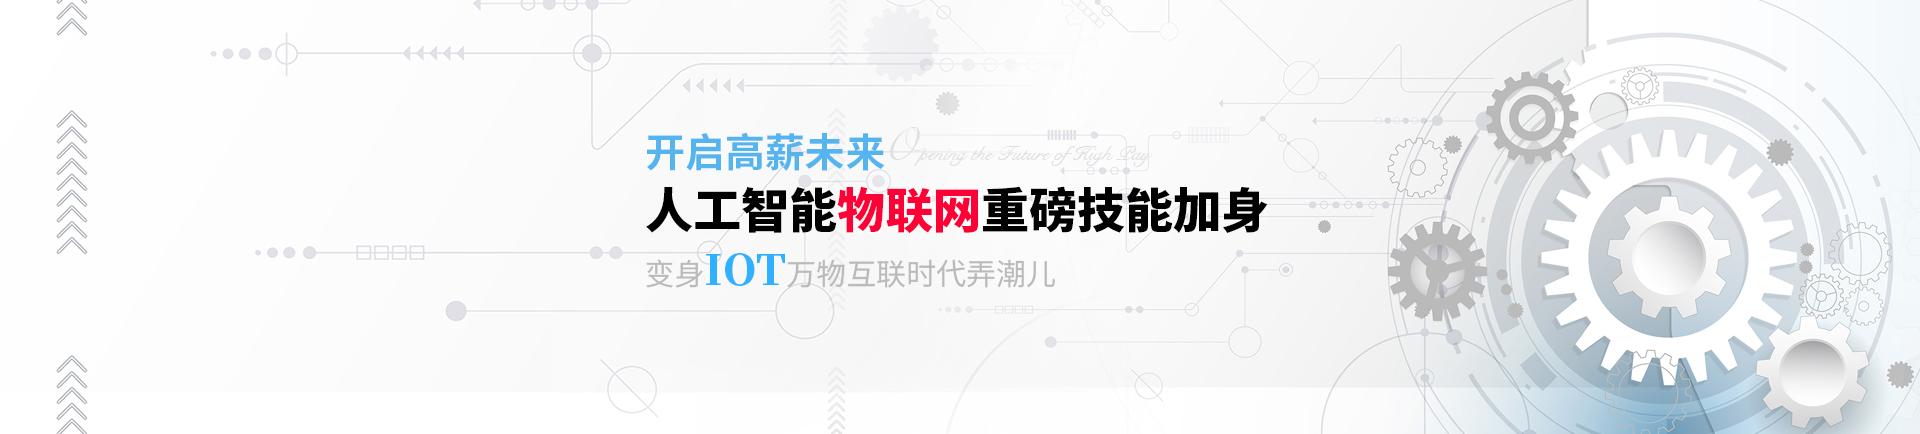 人工智能物�网�磅技能加身 �身IOT万物互�时代弄潮儿-suzhou